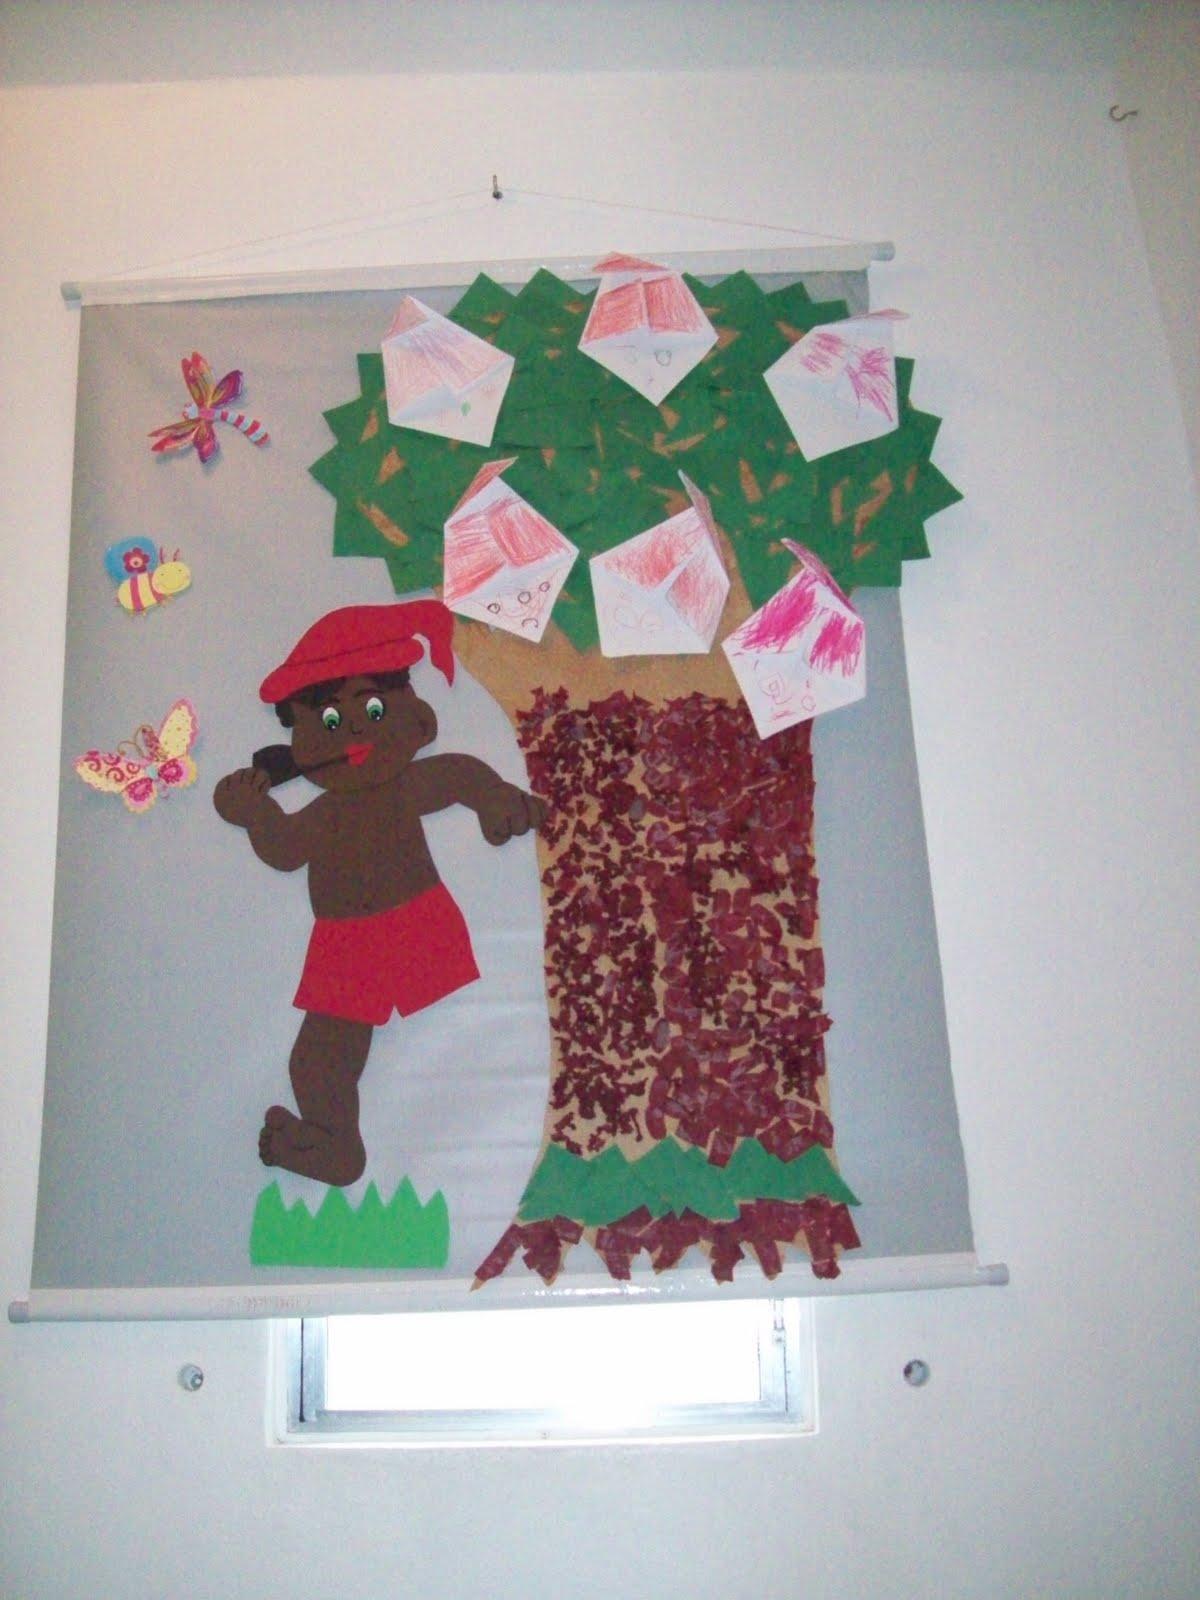 #3B8964 Educação Infantil está envolvida com a cultura do nosso Folclore  1200x1600 px Projeto Cozinha Na Educação Infantil_4295 Imagens